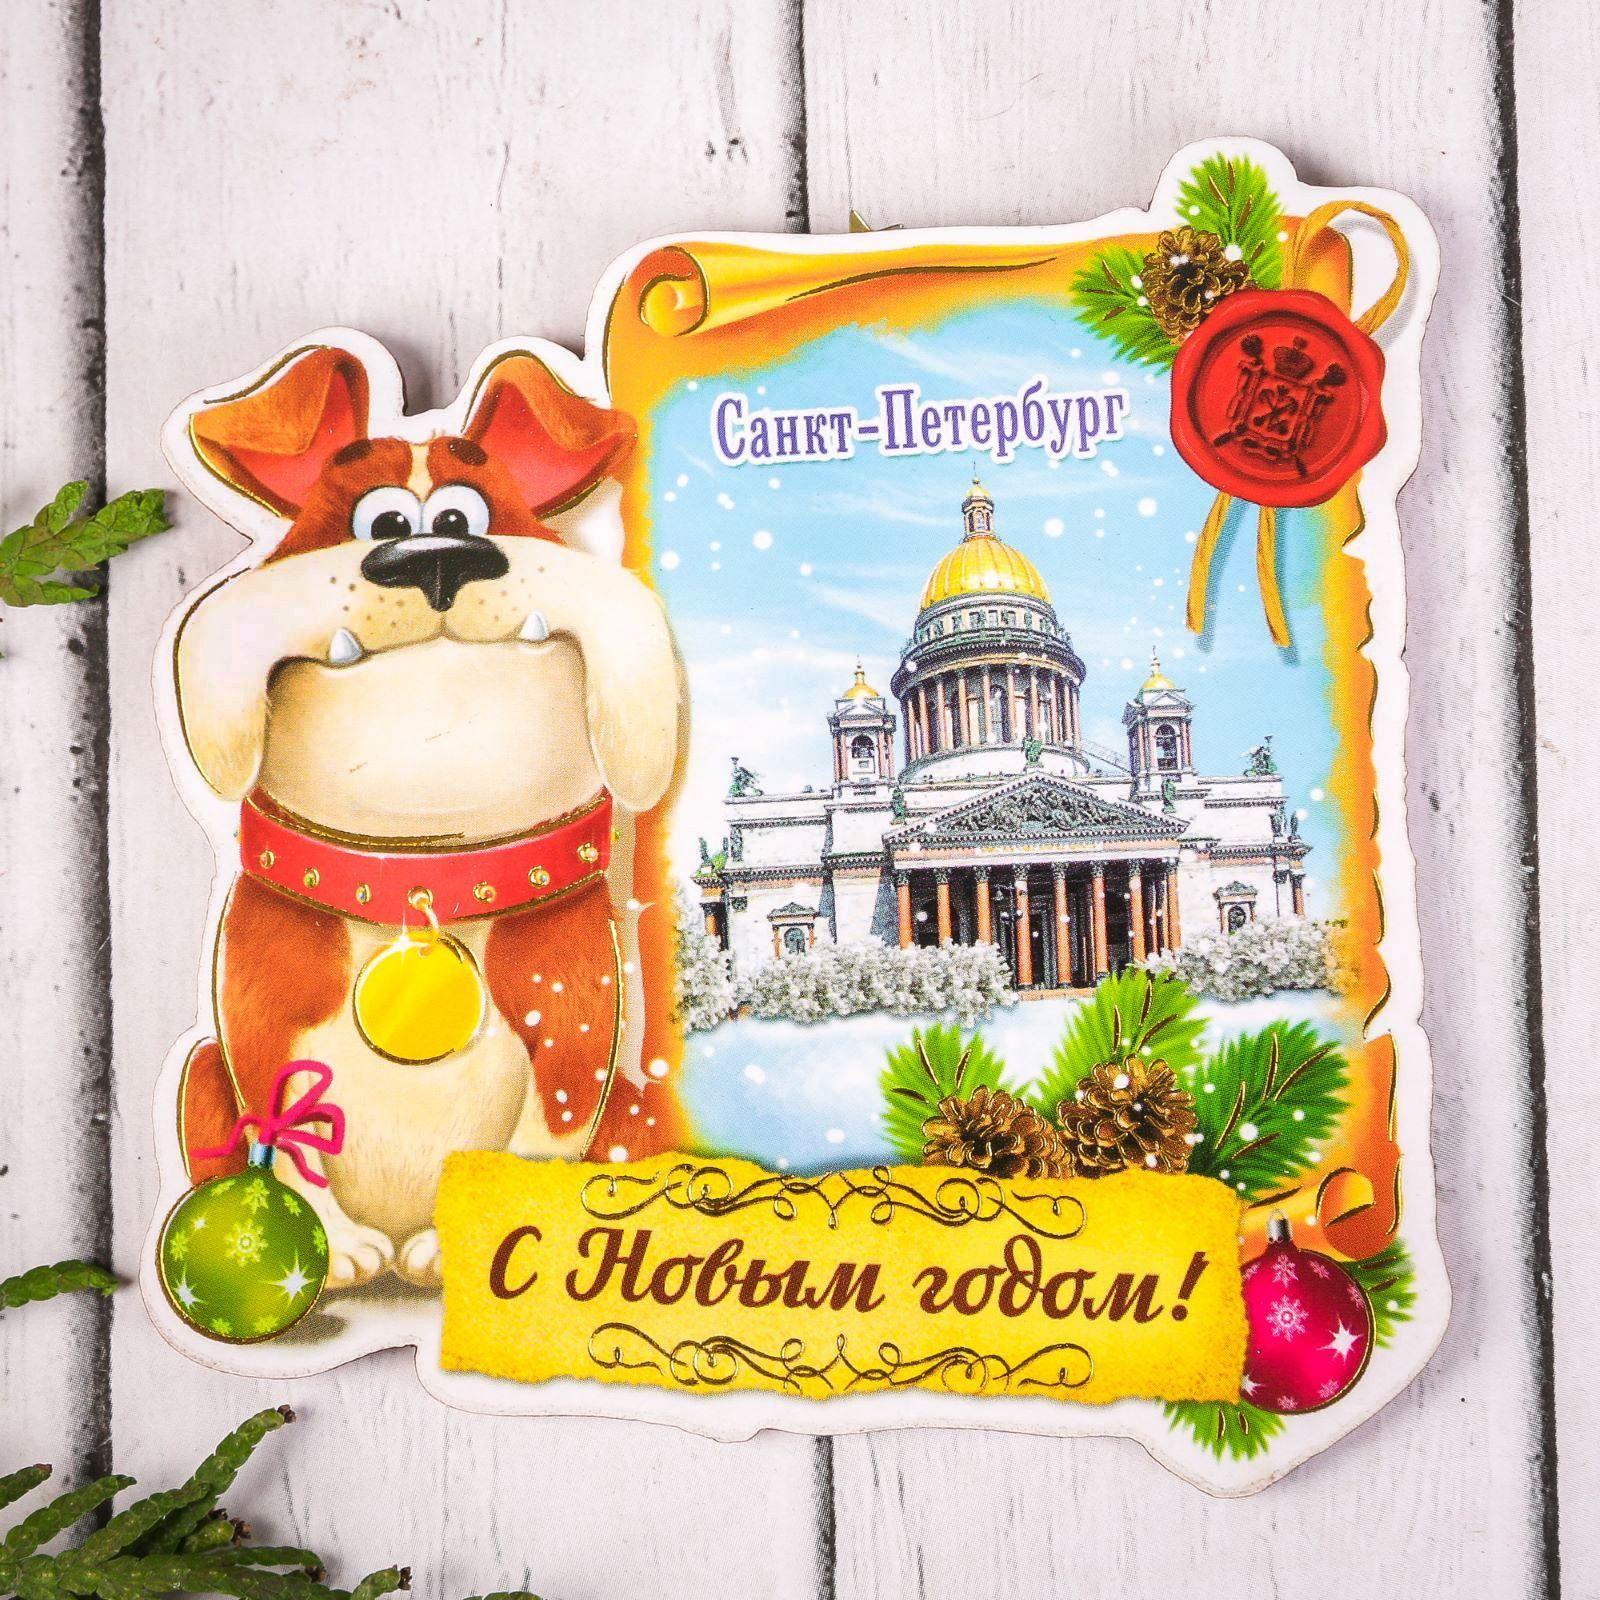 Магнит Sima-land Санкт-Петербург, 8,7 х 9 см свеча ароматизированная sima land лимон на подставке высота 6 см